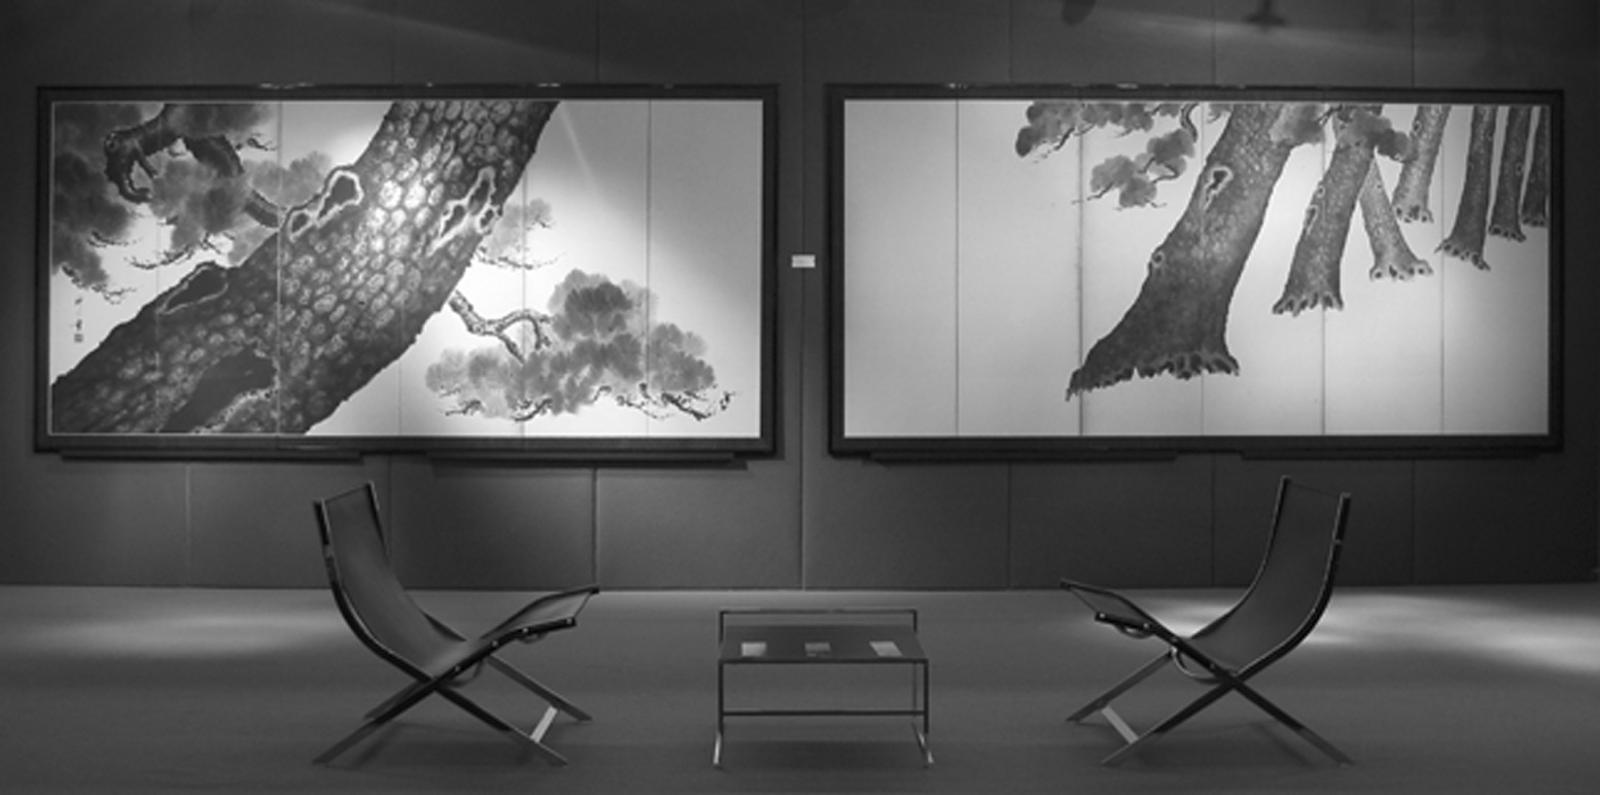 Paraventi Giapponesi - Galleria Nobili